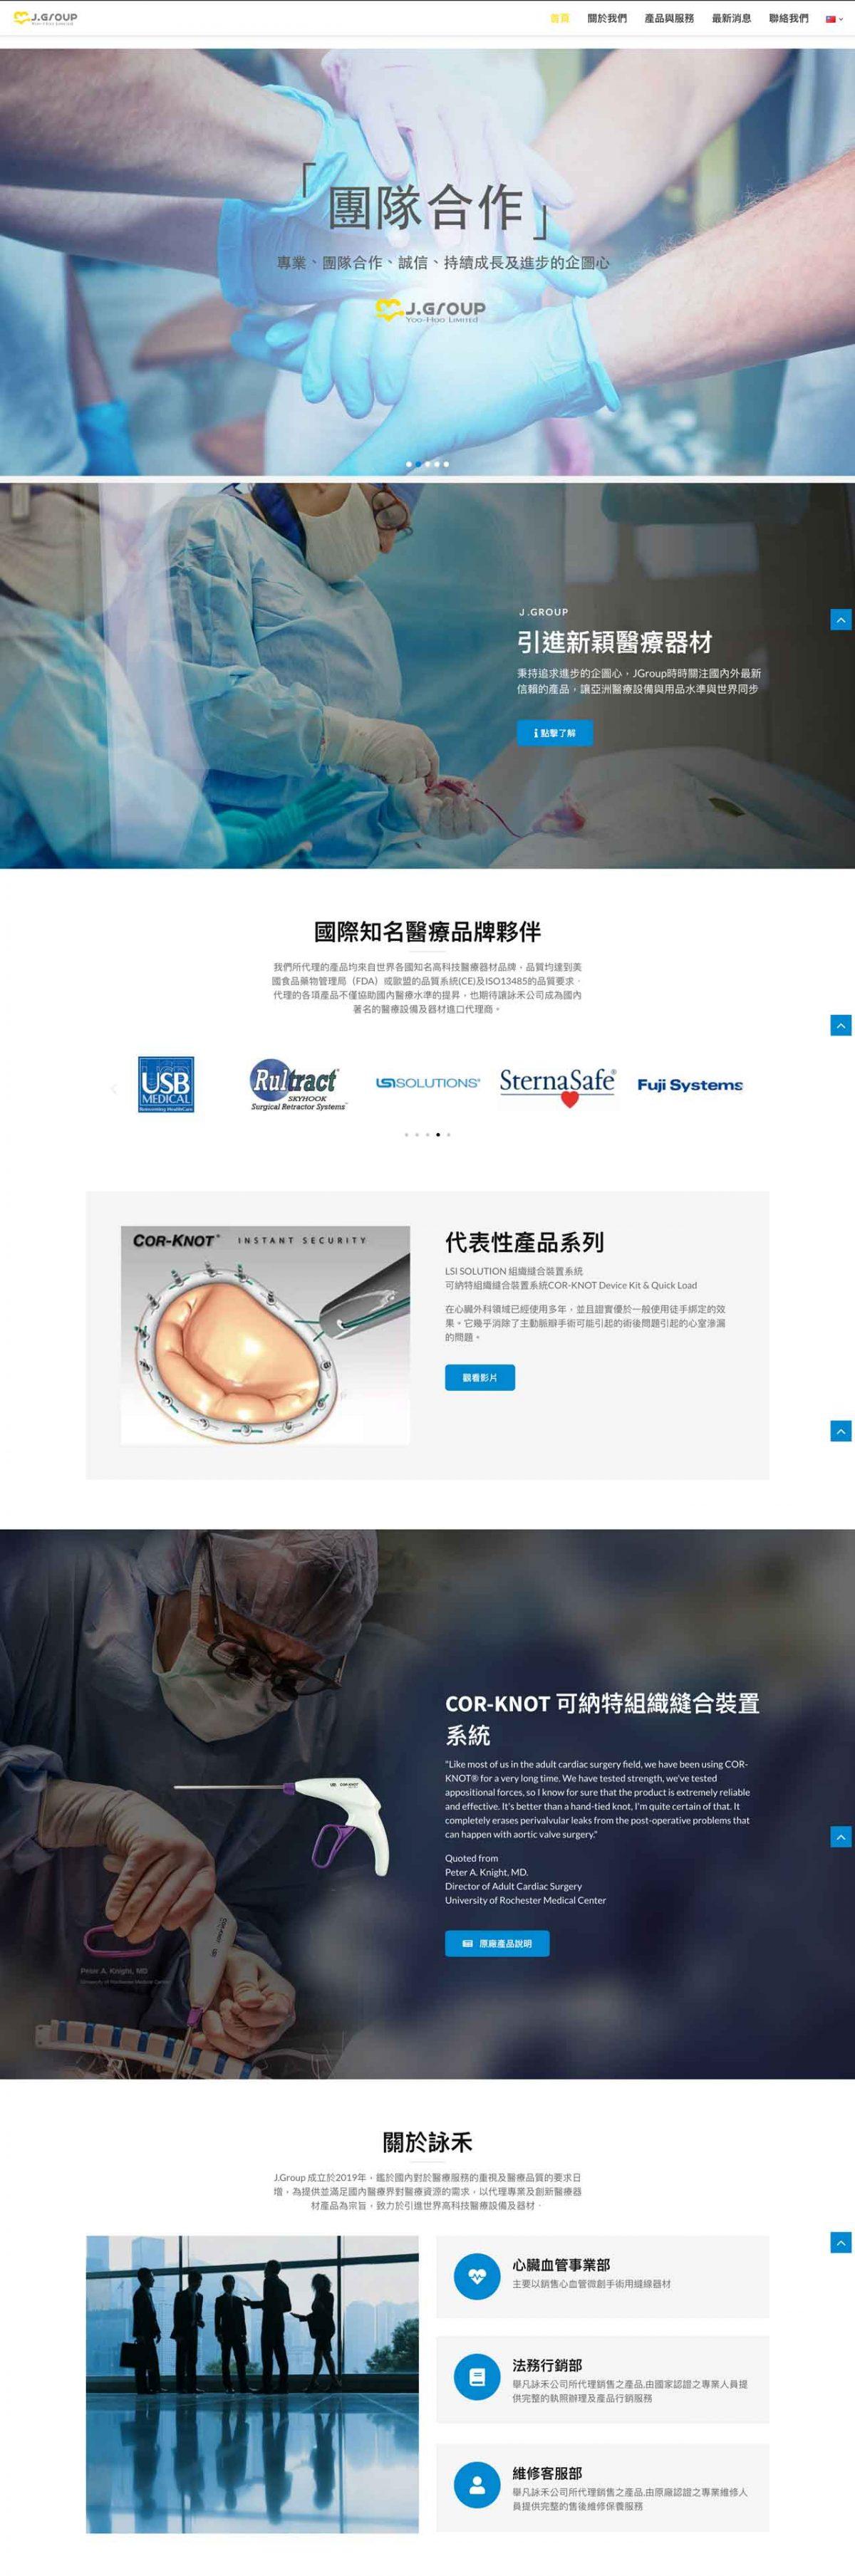 J.-Group-Official-Website-–-Yoo-Hoo-Limited-homesnapshot